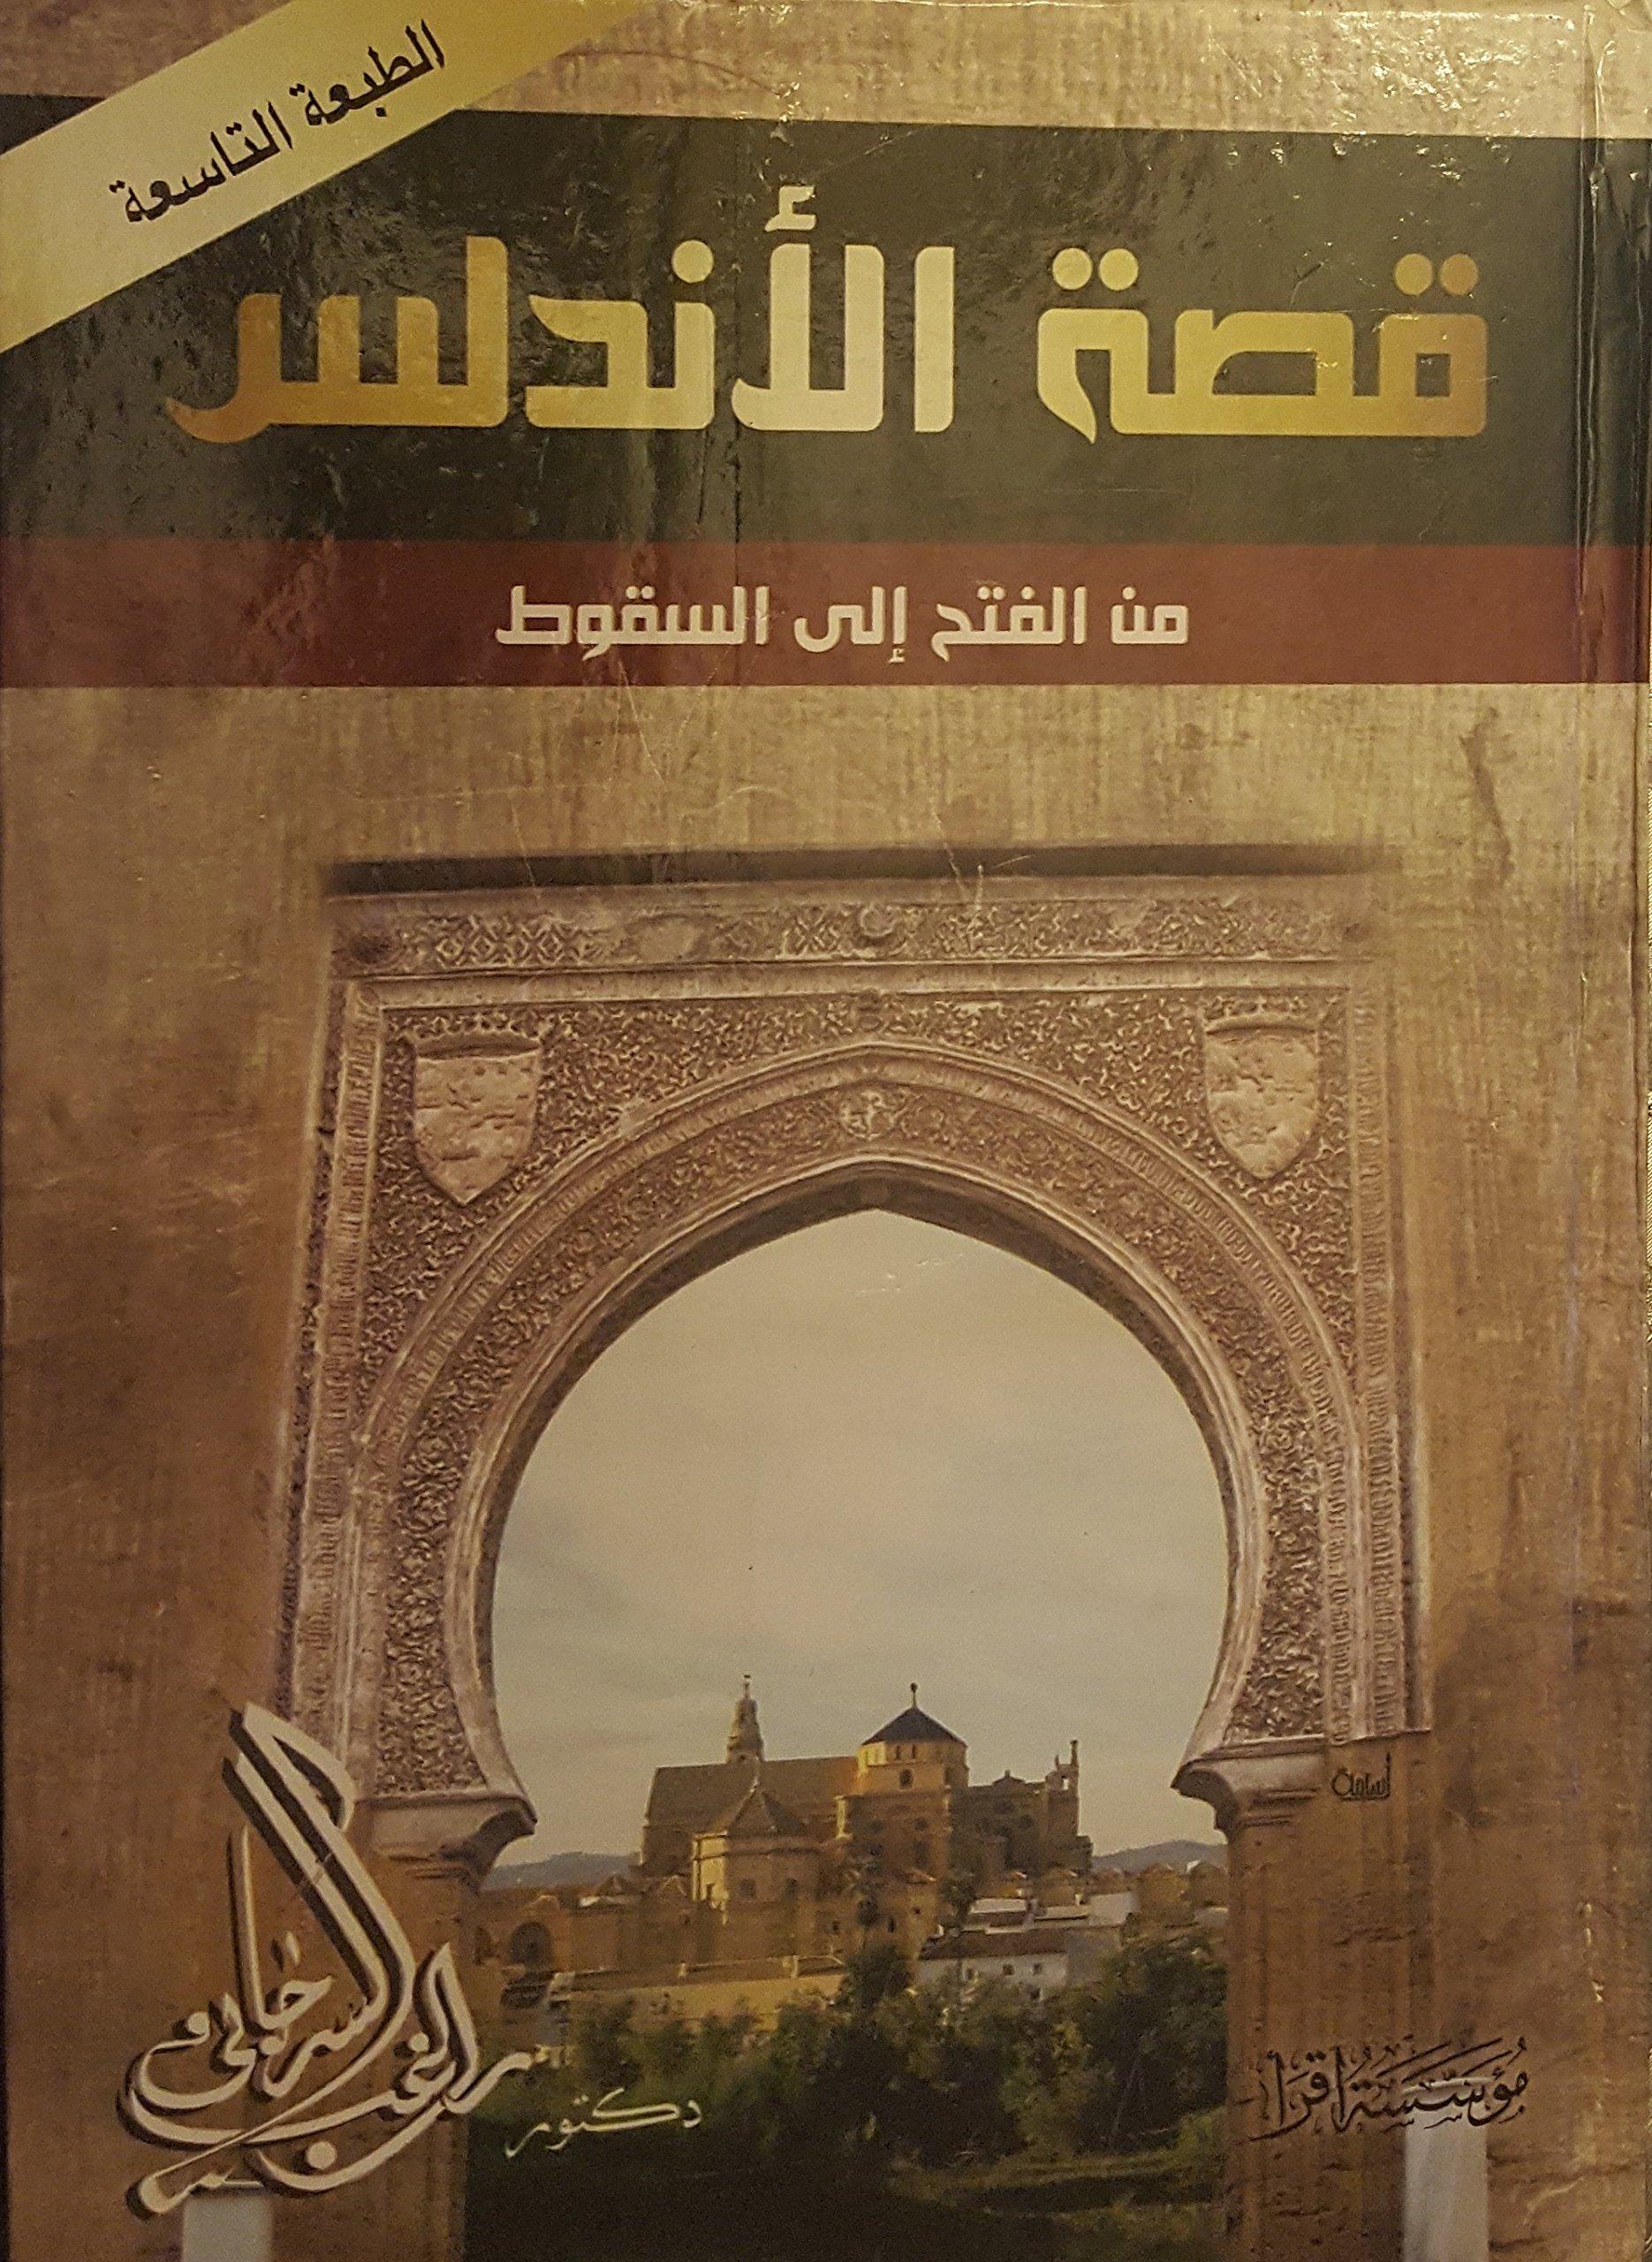 Photo of تحميل كتاب قصة الأندلس من الفتح إلى السقوط pdf لـ راغب السرجاني